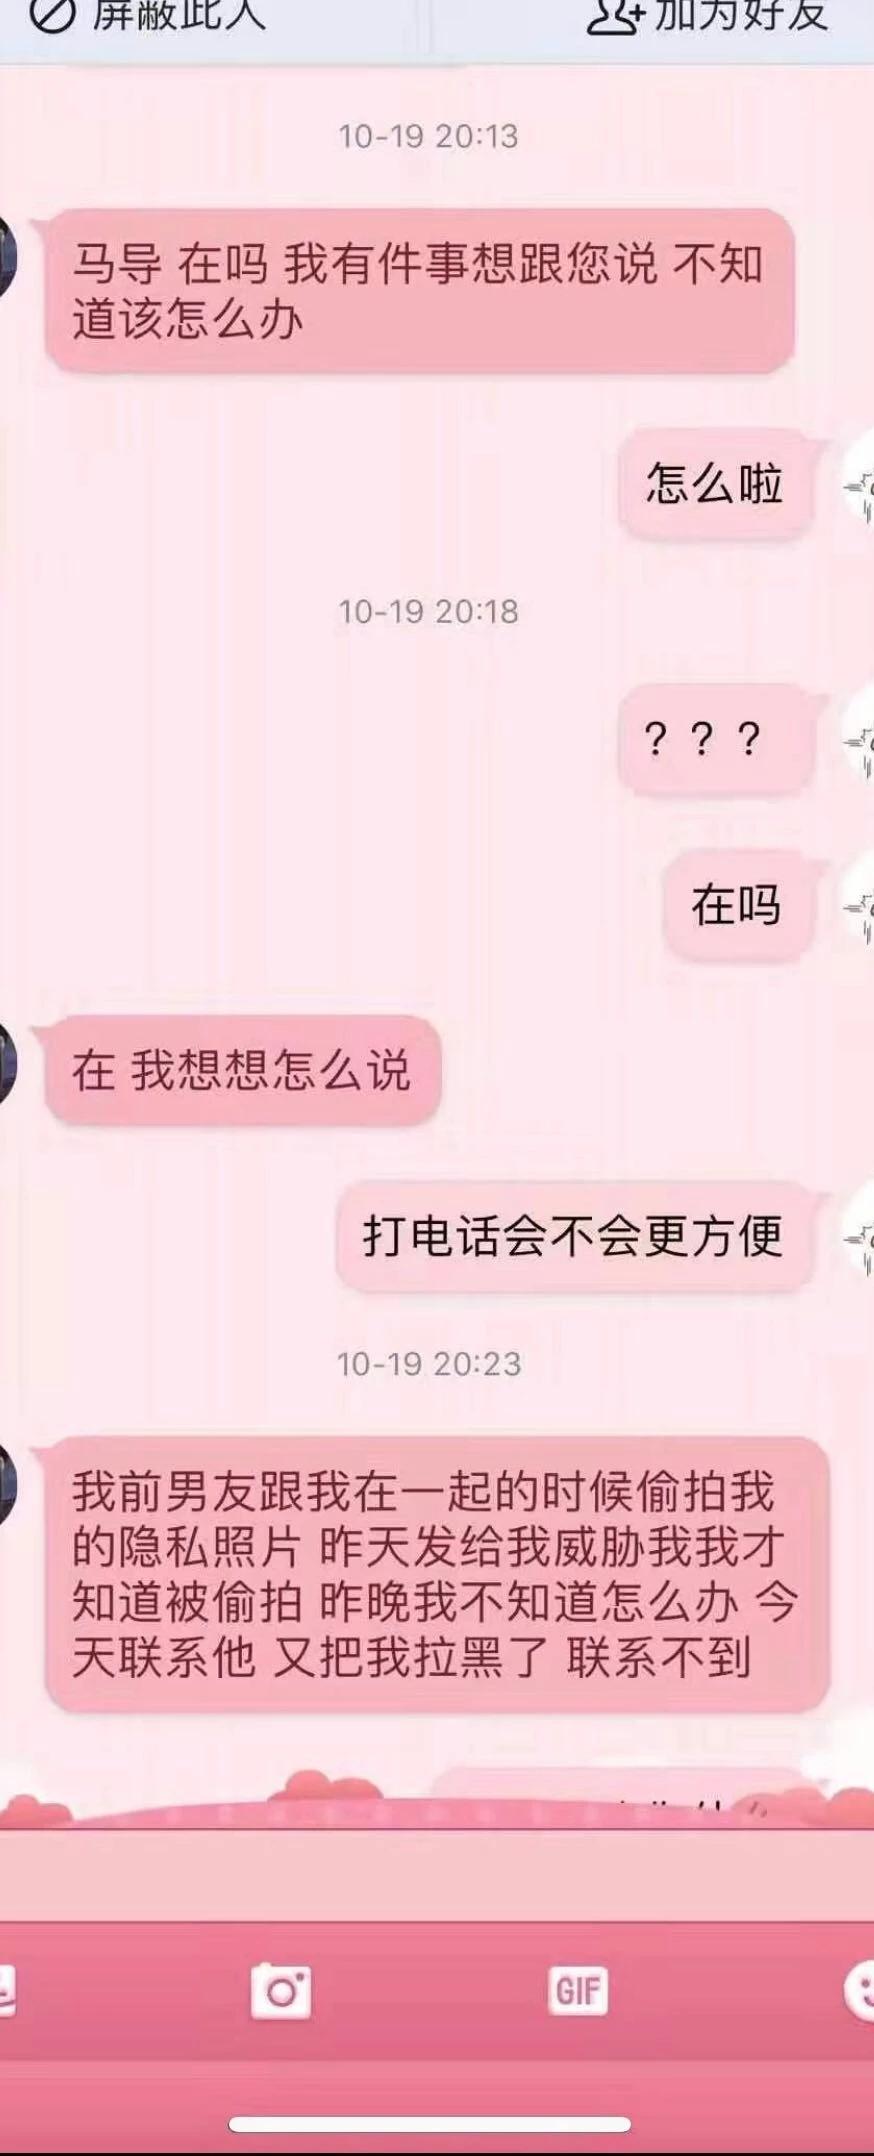 福州女大学生疑遭裸照威胁后自杀,母亲称将捐献女儿器官